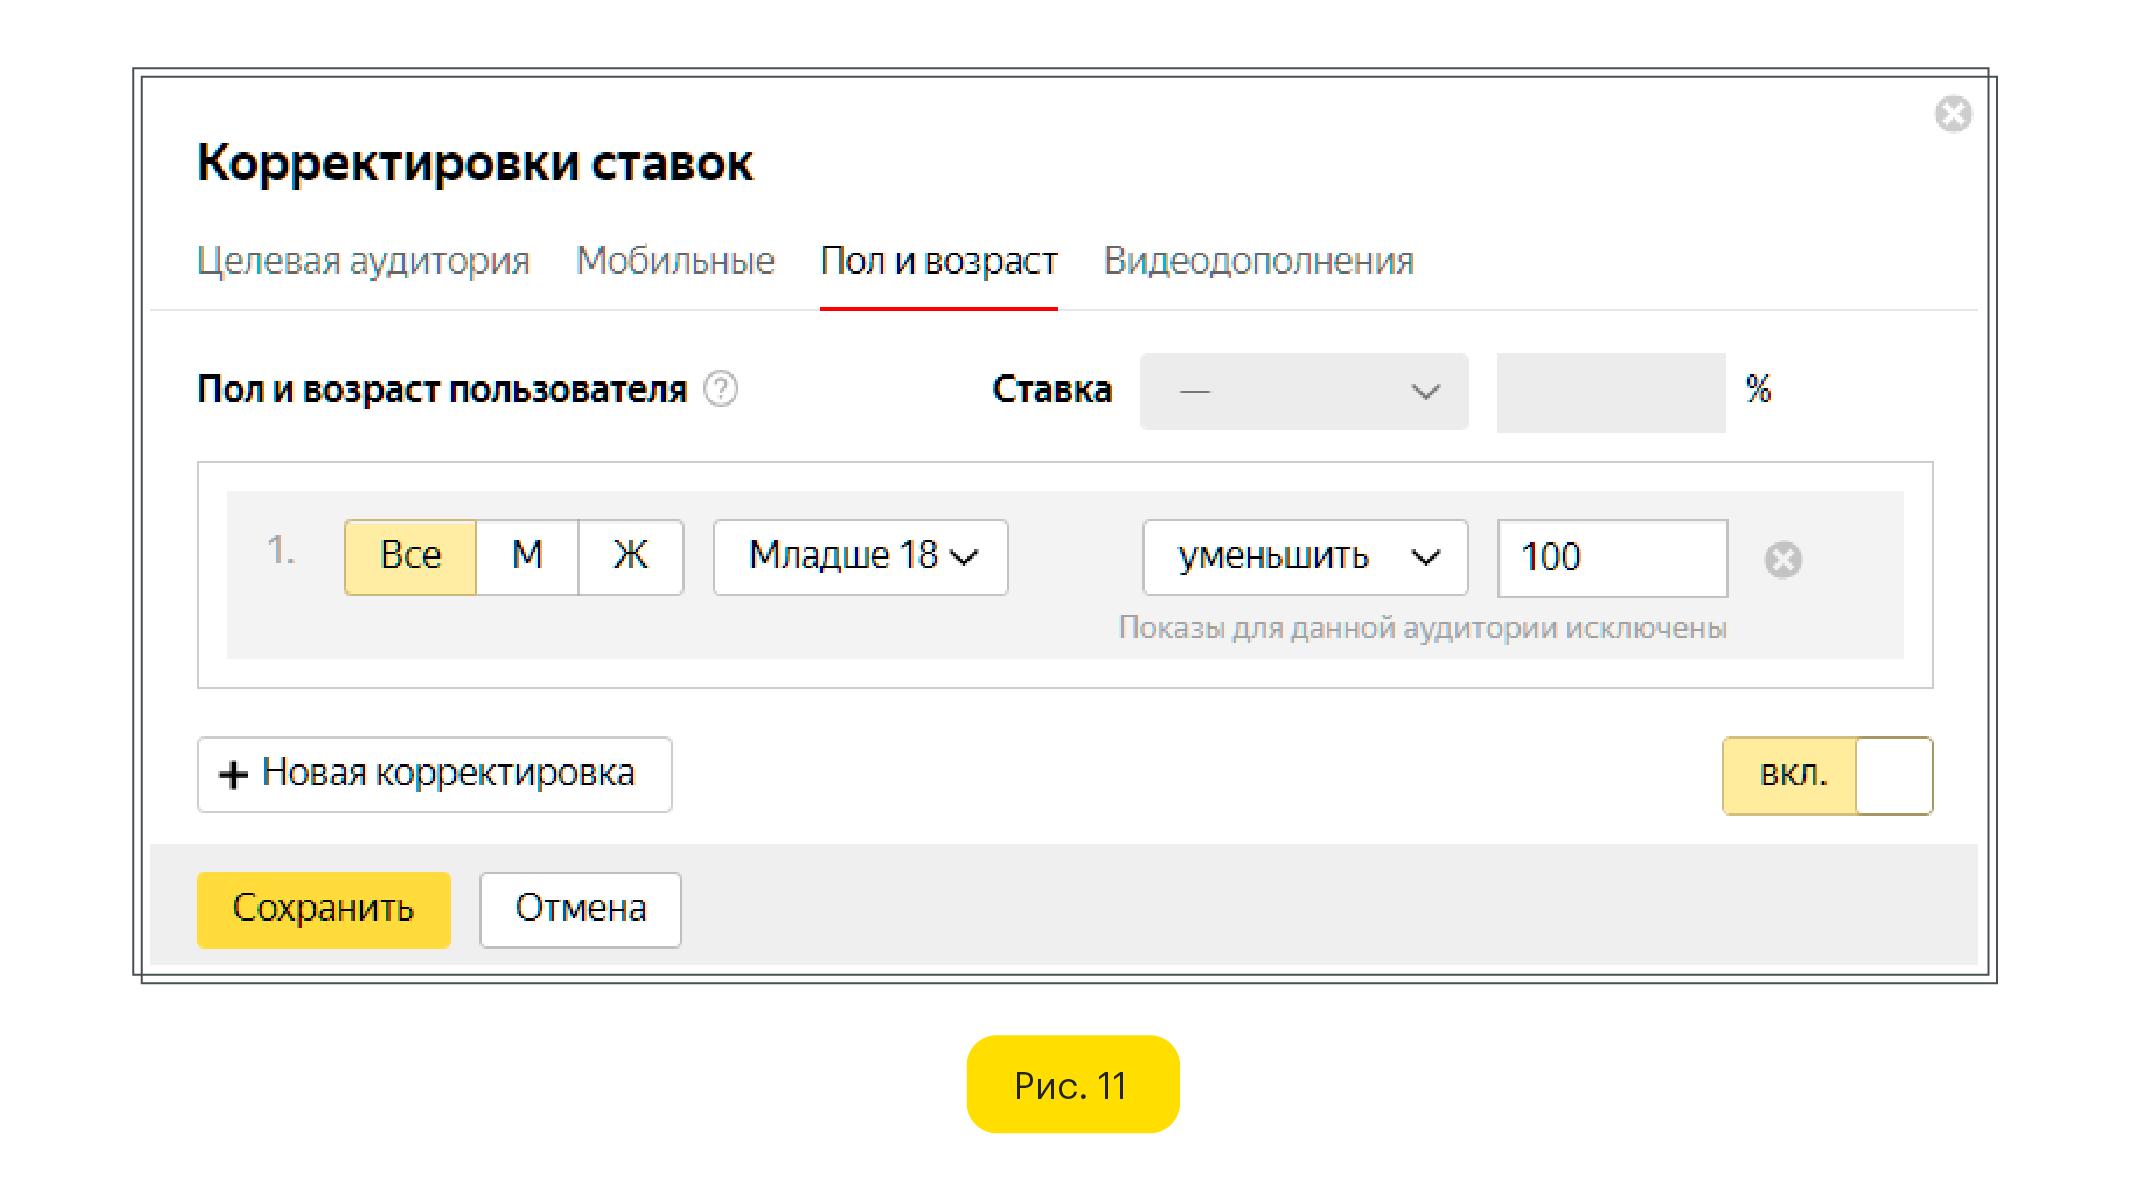 Корректировка ставок по полу и возрасту Яндекс Директ